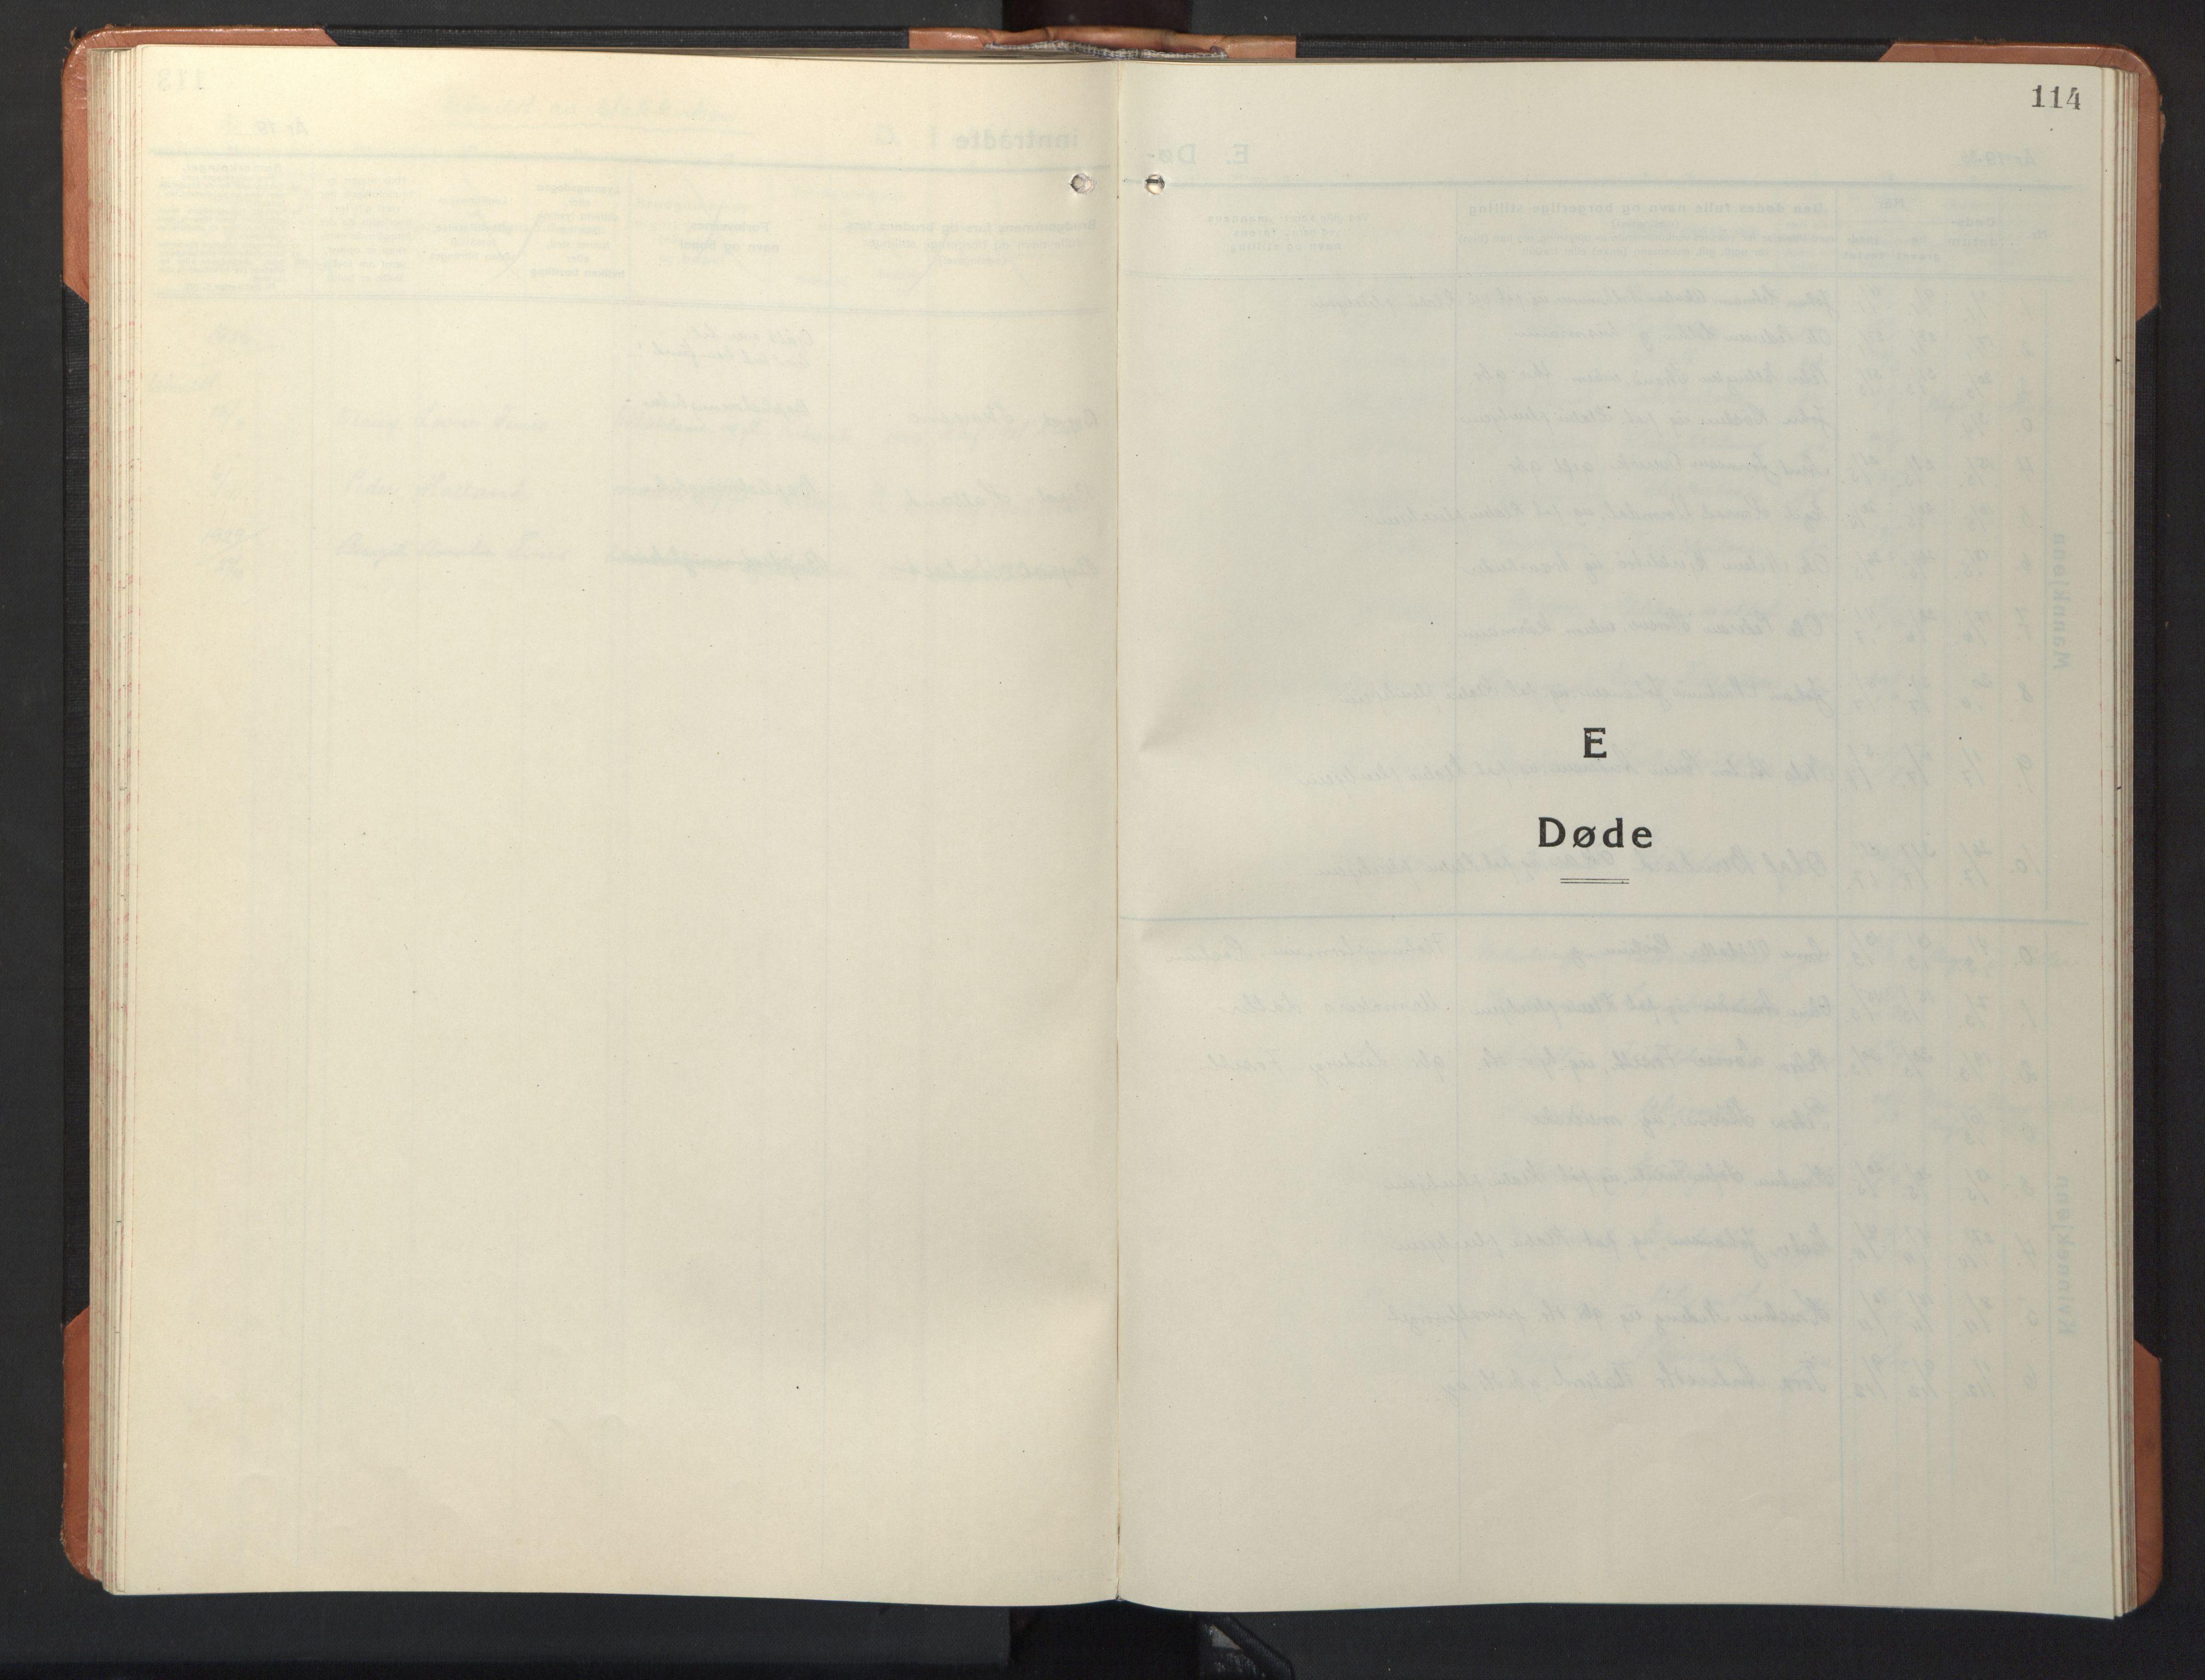 SAT, Ministerialprotokoller, klokkerbøker og fødselsregistre - Sør-Trøndelag, 618/L0454: Klokkerbok nr. 618C05, 1926-1946, s. 114